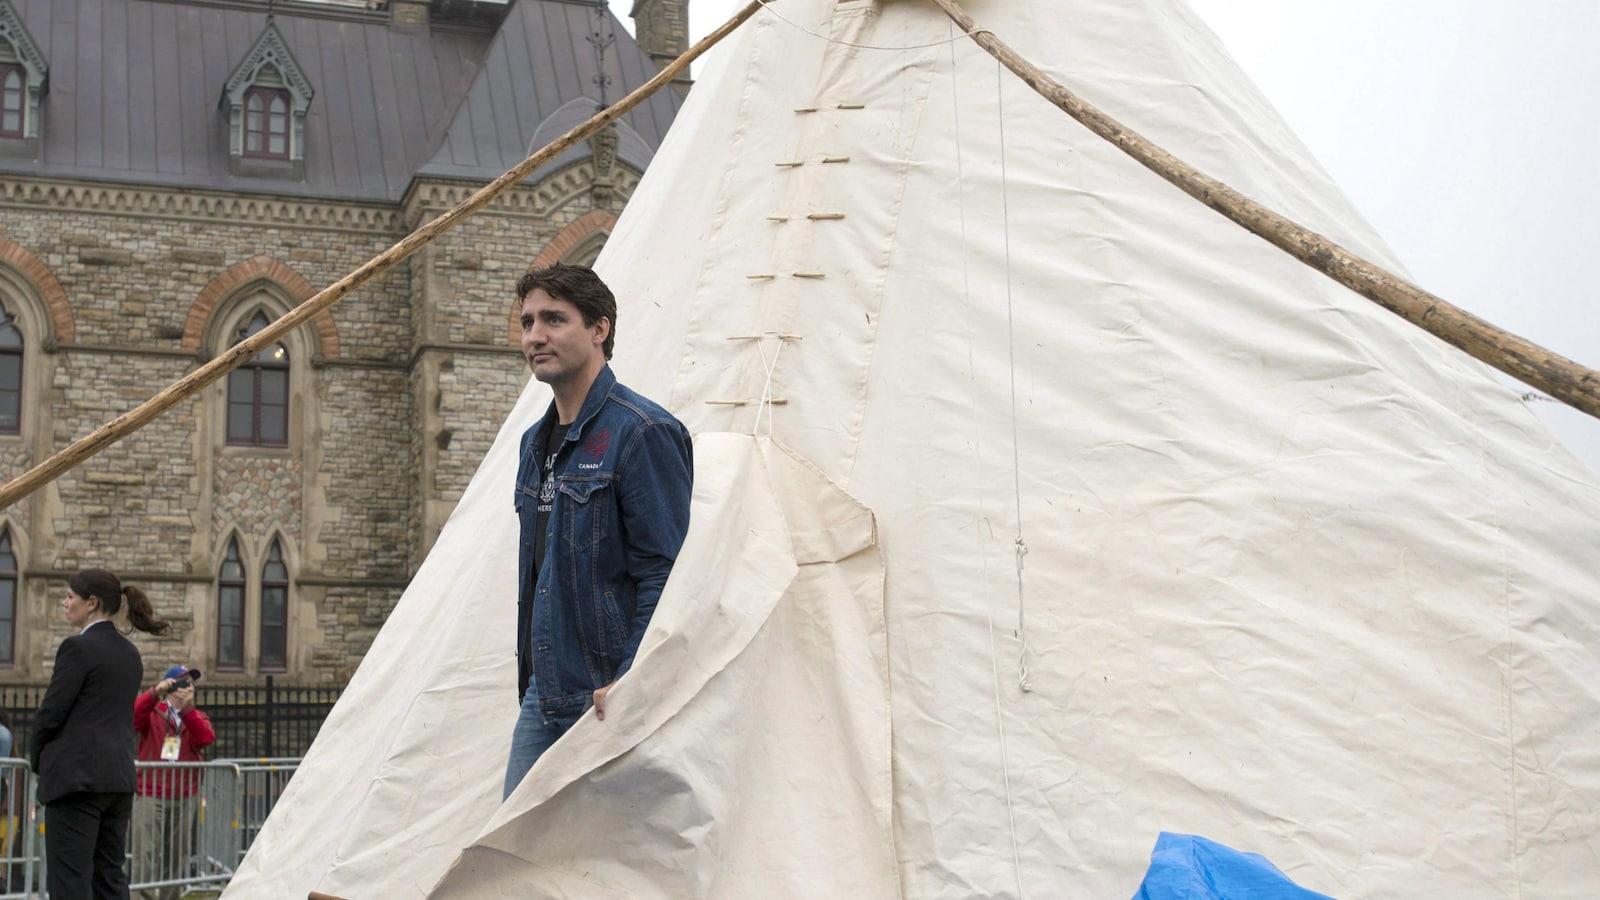 Le premier ministre du Canada, Justin Trudeau, a rencontré des manifestants autochtones dans leur tipi, le 30 juin dernier.